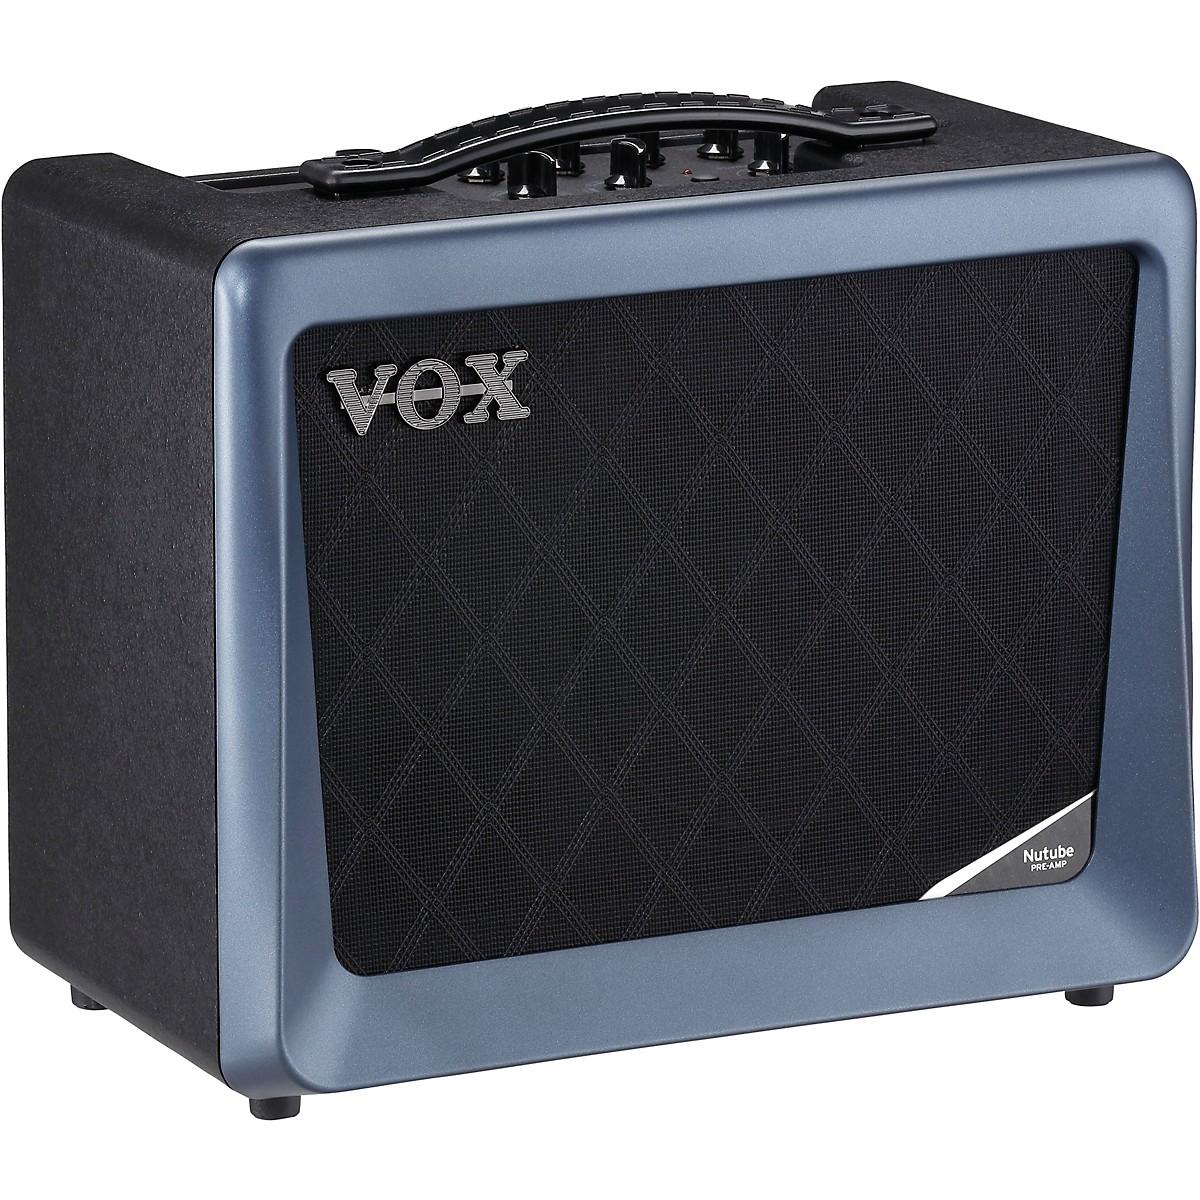 Vox VX50 GTV 50W 1x8 Digital Modeling Combo Amp